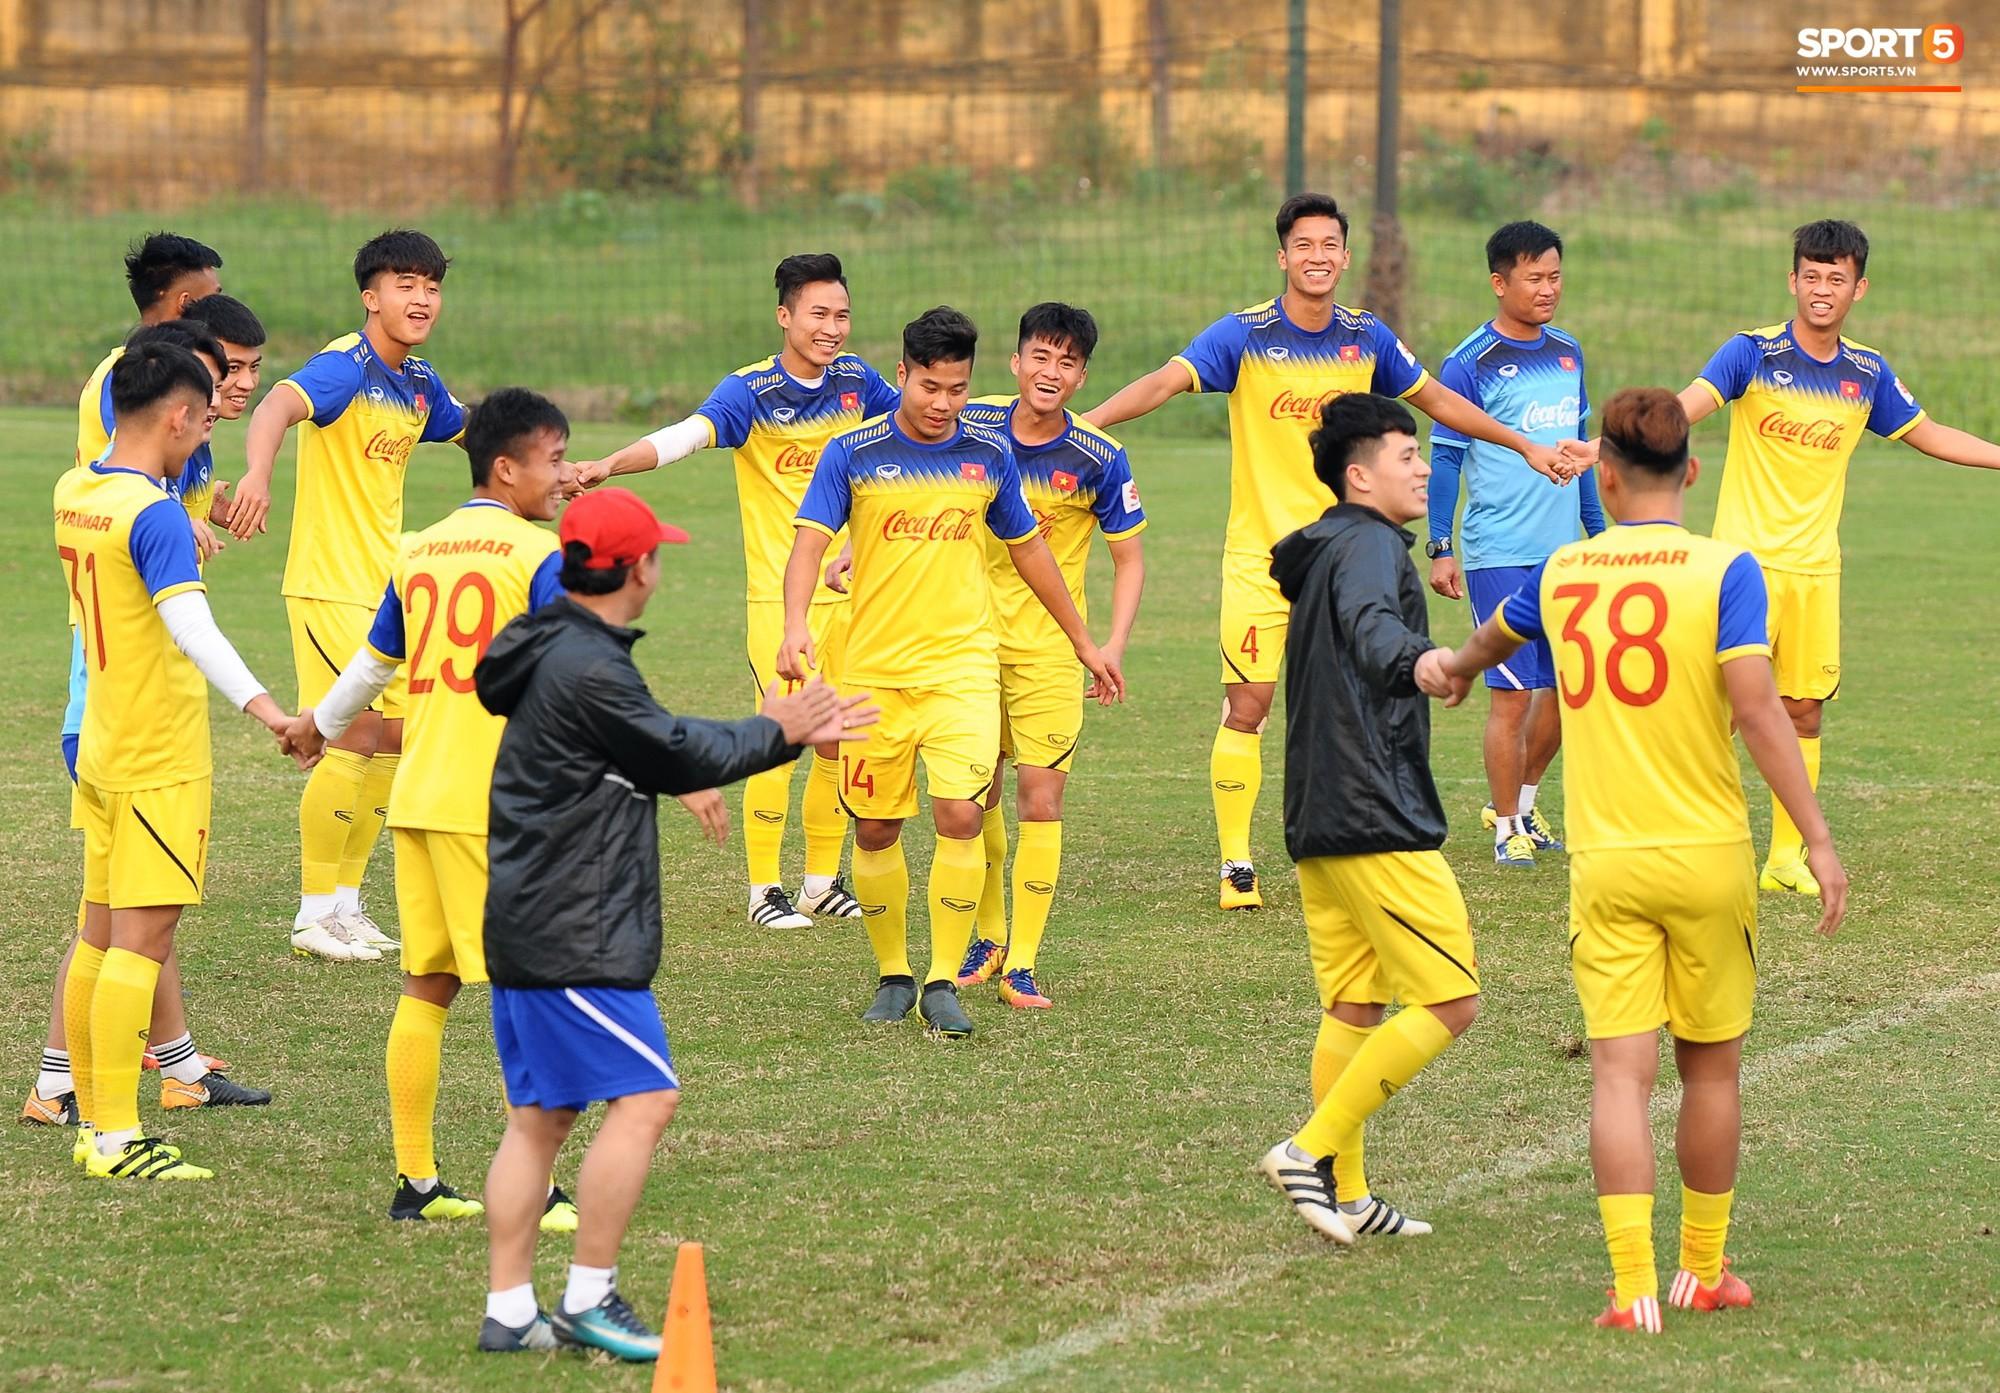 Đá ma mà cũng nắm chặt tay nhau thế này, bảo sao tuyển U23 Việt Nam luôn đoàn kết - Ảnh 6.